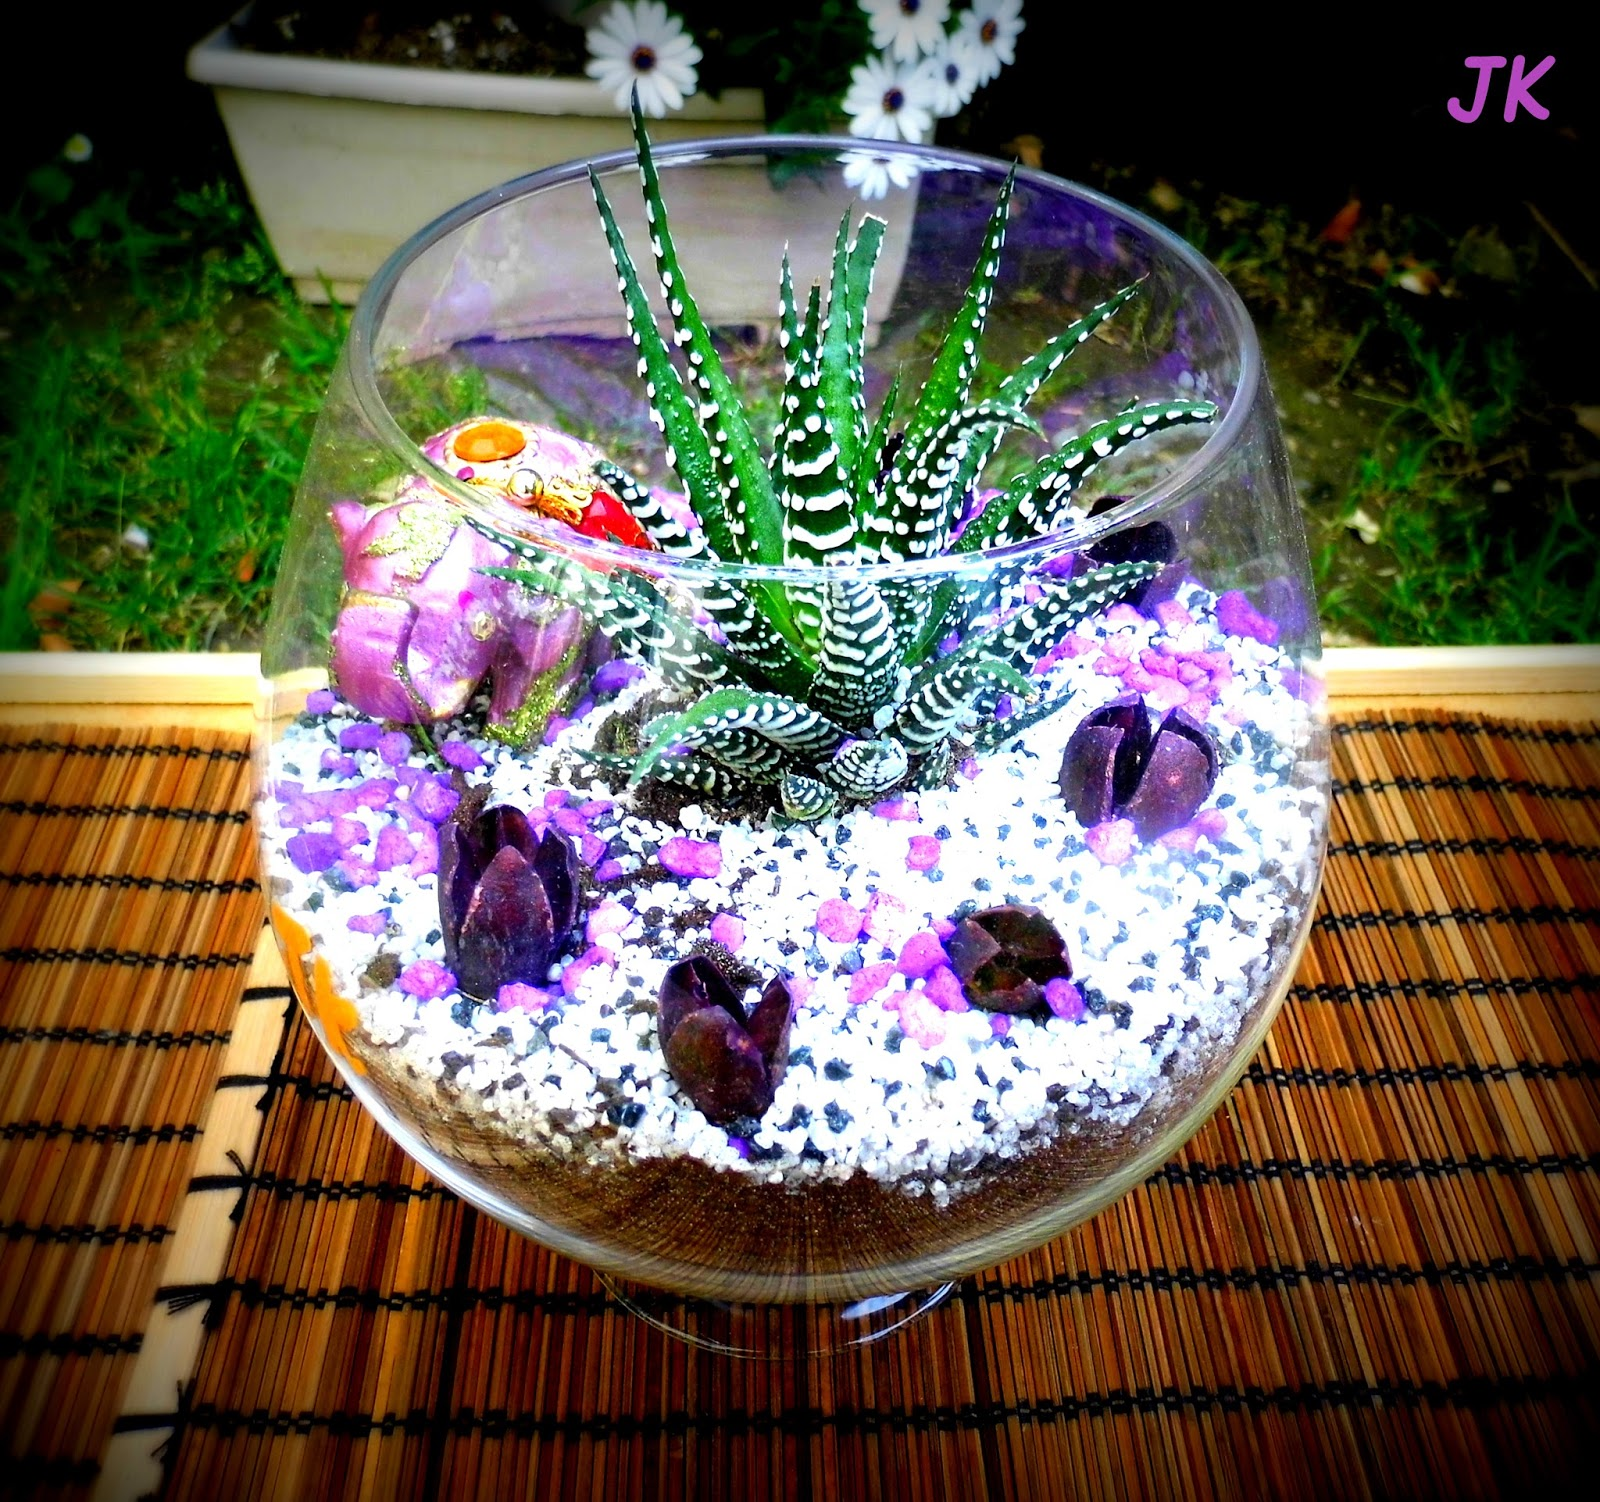 ju de kiwi terrarium sec les plantes succulentes. Black Bedroom Furniture Sets. Home Design Ideas